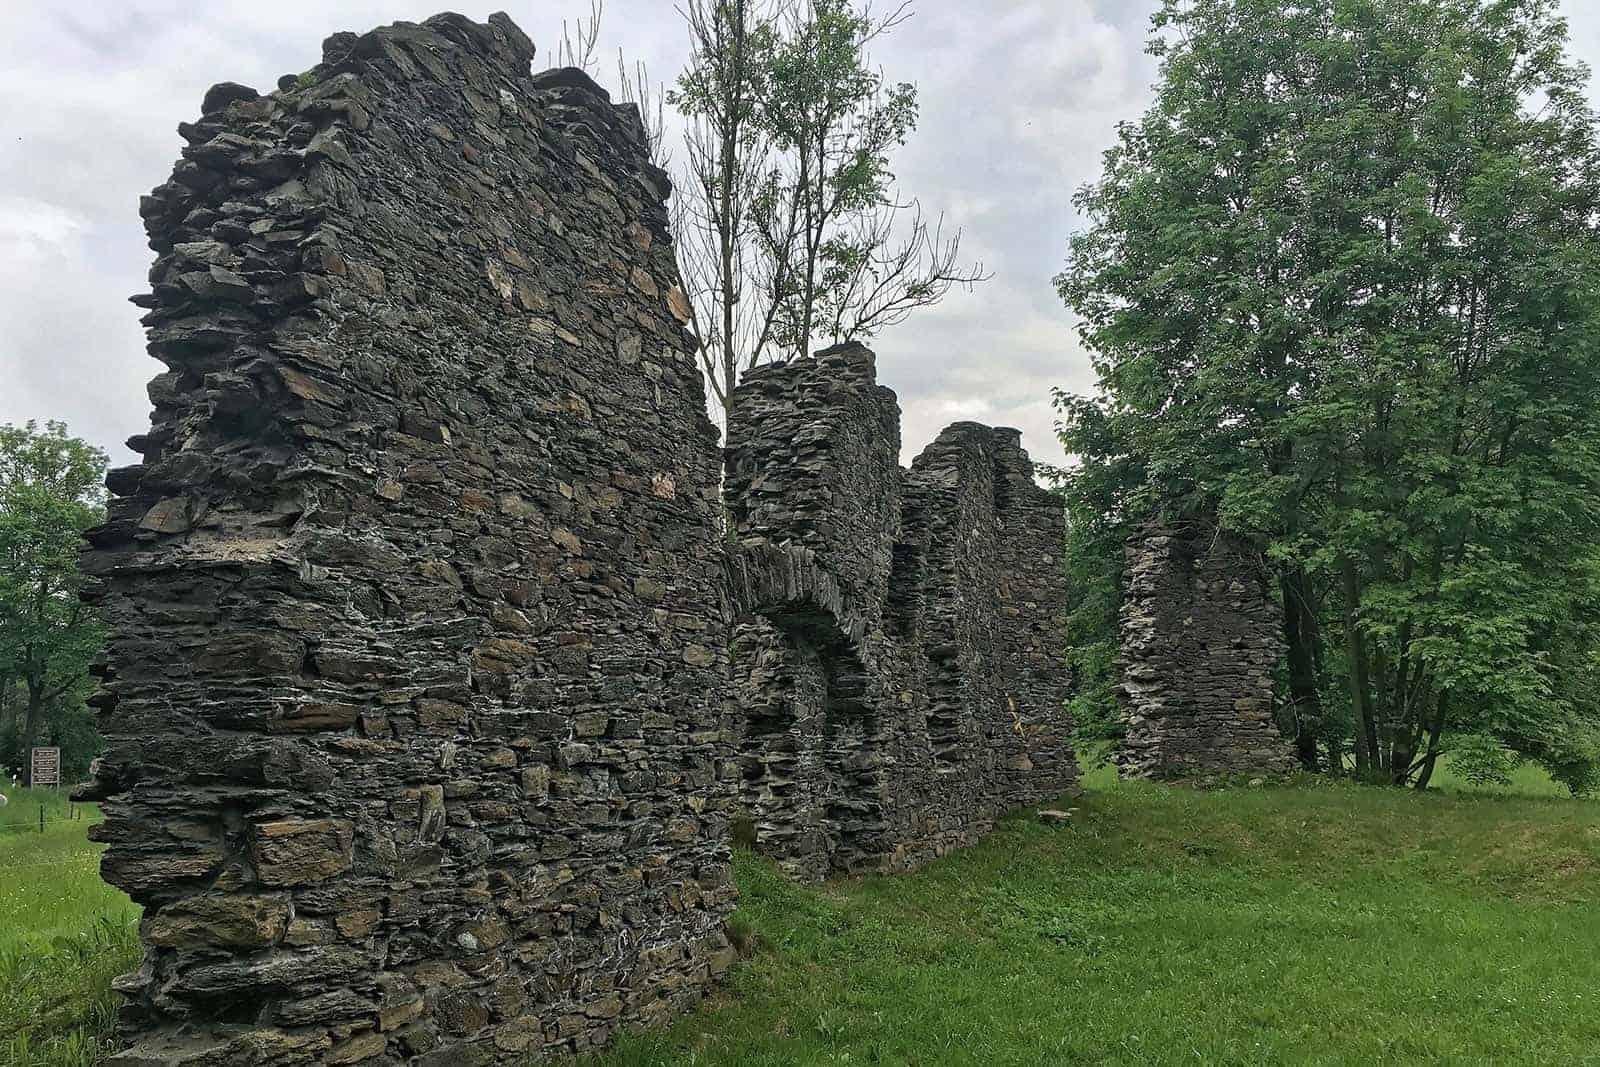 Mauern der Ruine der Sankt-Oswald-Kirche